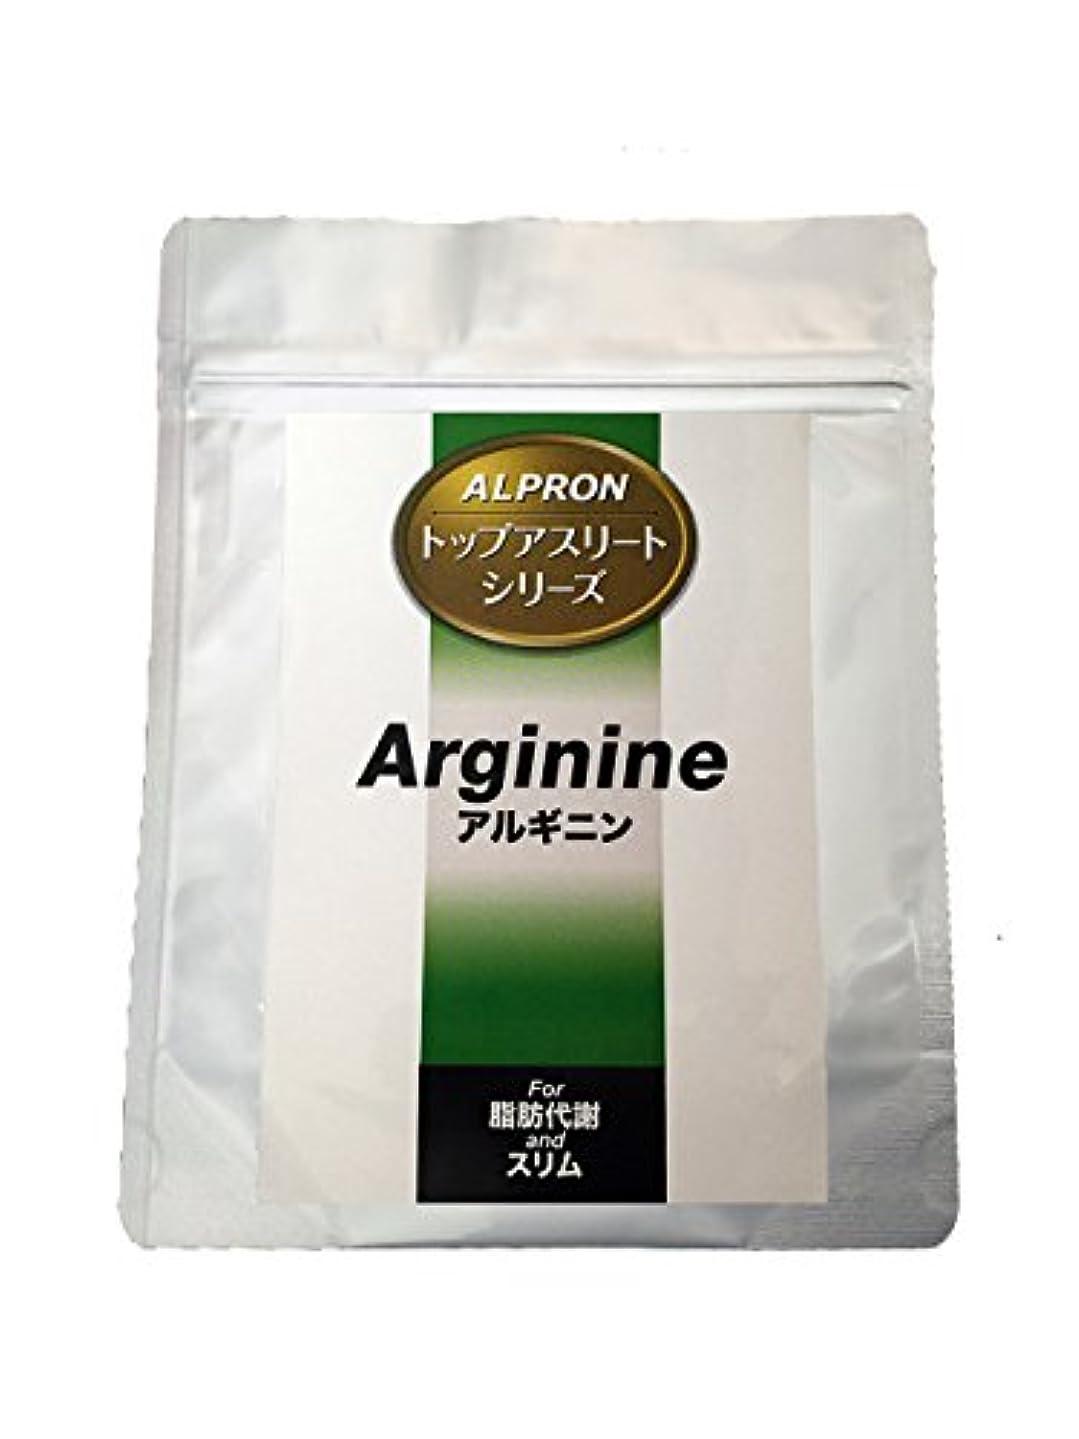 バン系統的コンセンサスアルプロン -ALPRON- アルギニン(100g)